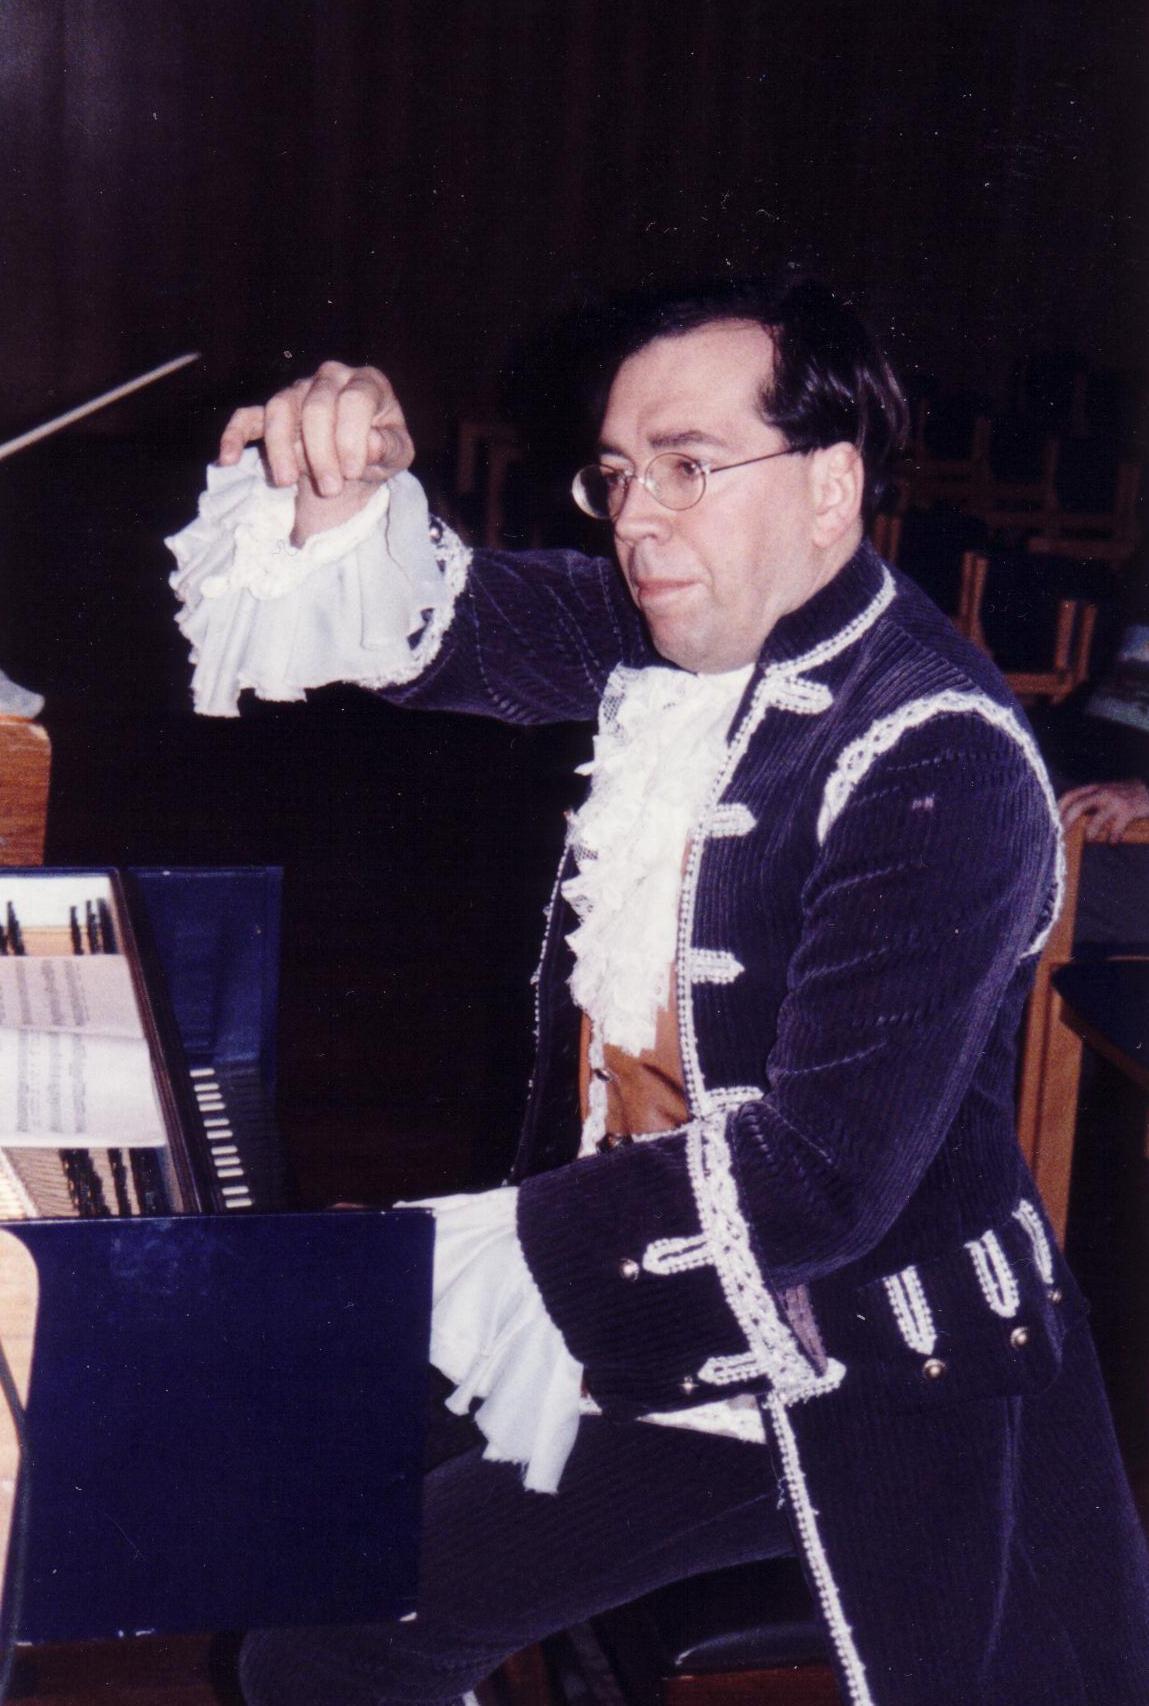 Bei solch einer Gelegenheit muss auch der Dirigent im Kostüm arbeiten